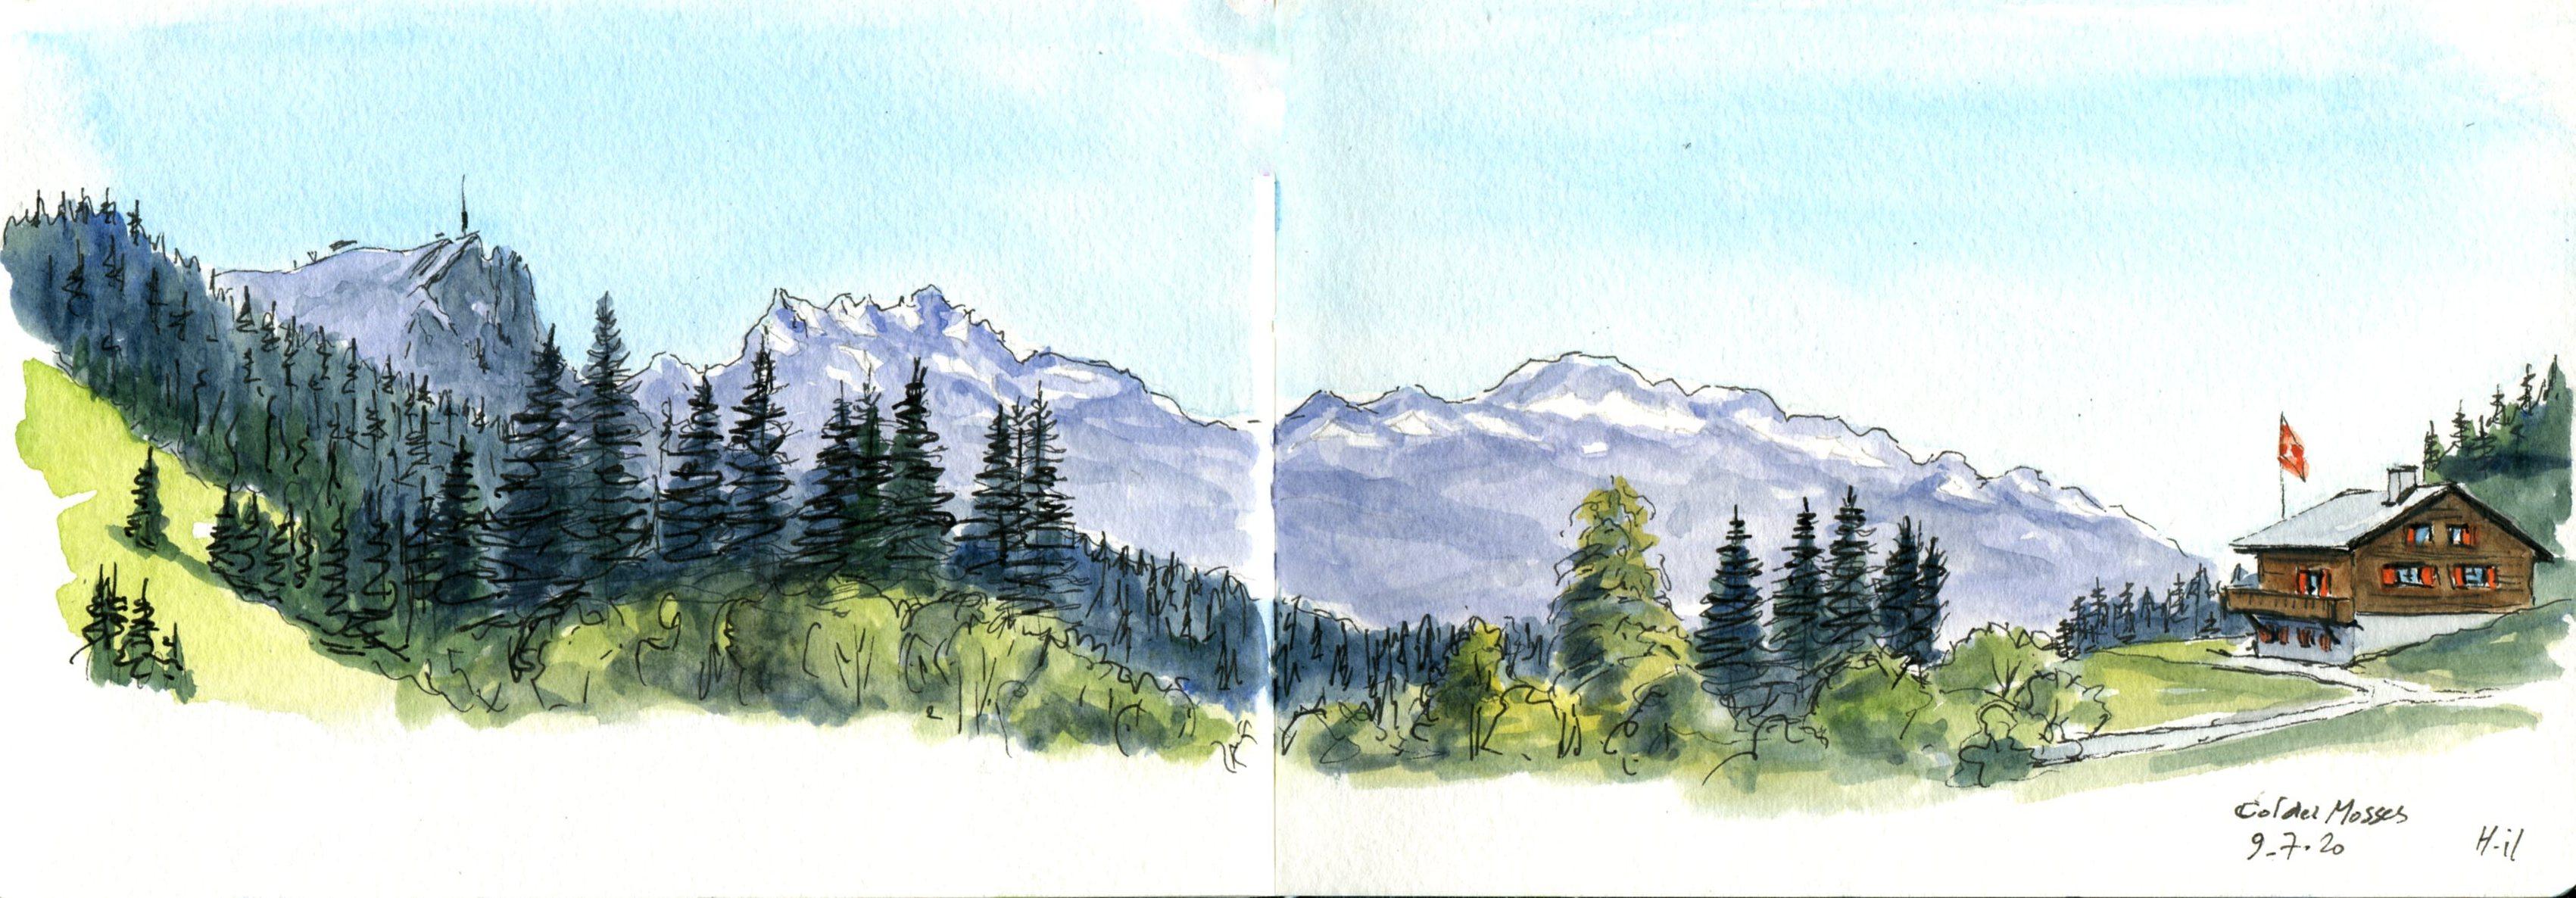 Col des Mosses062